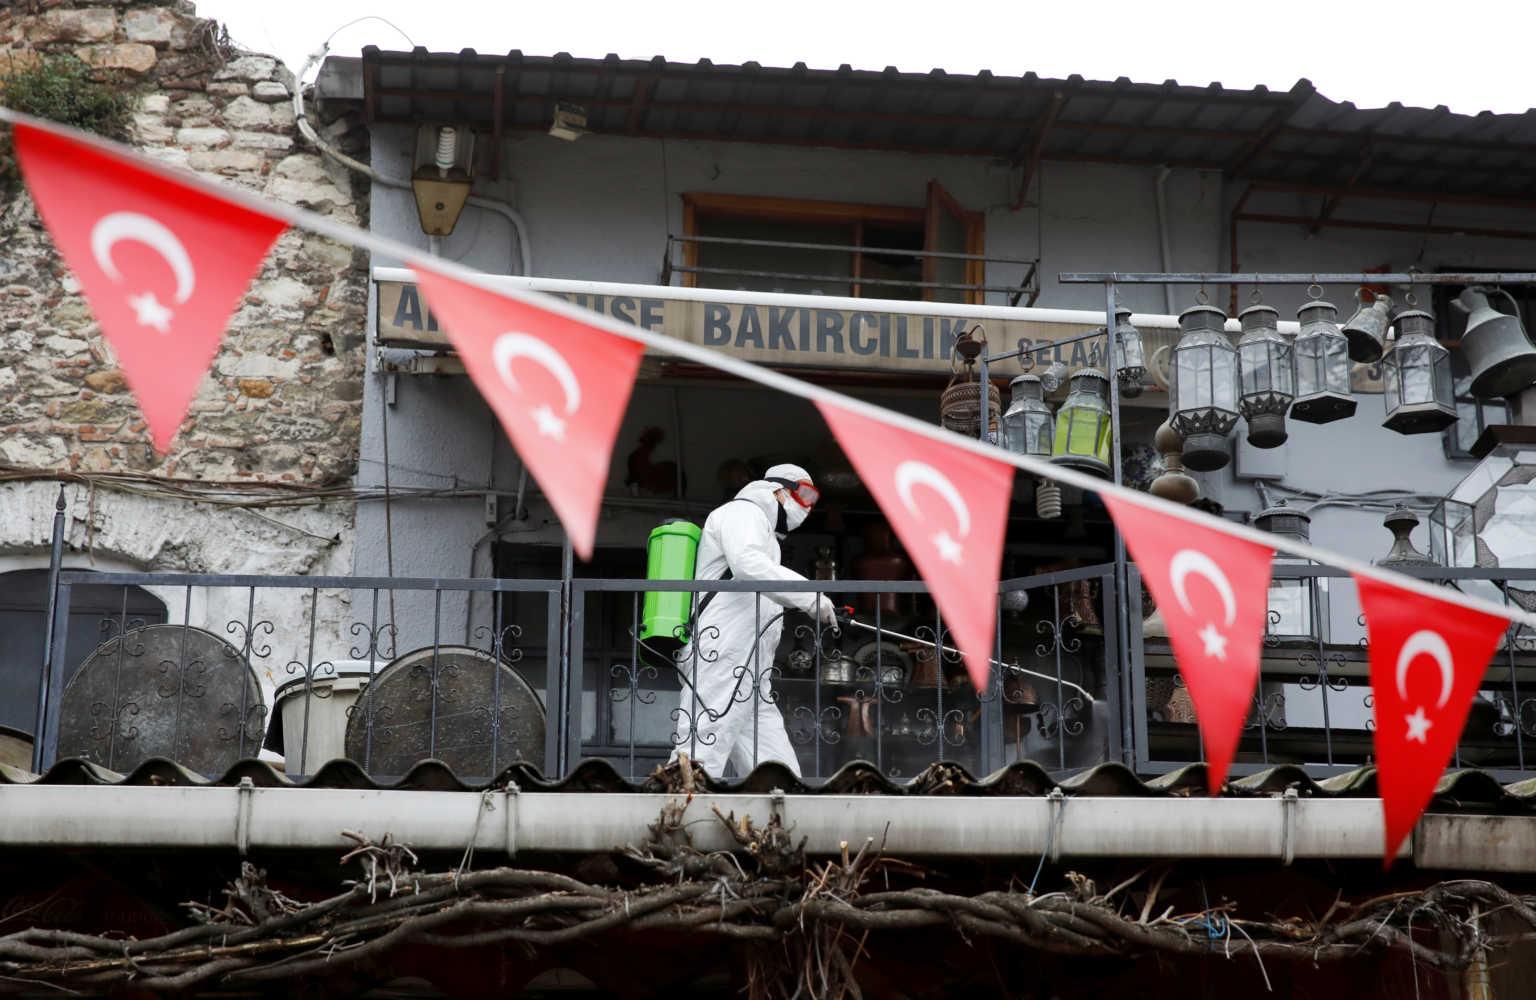 Στοιχεία σοκ για τον κορονοϊό στην Τουρκία: Μία… ανάσα από τον εφιάλτη της Ιταλίας